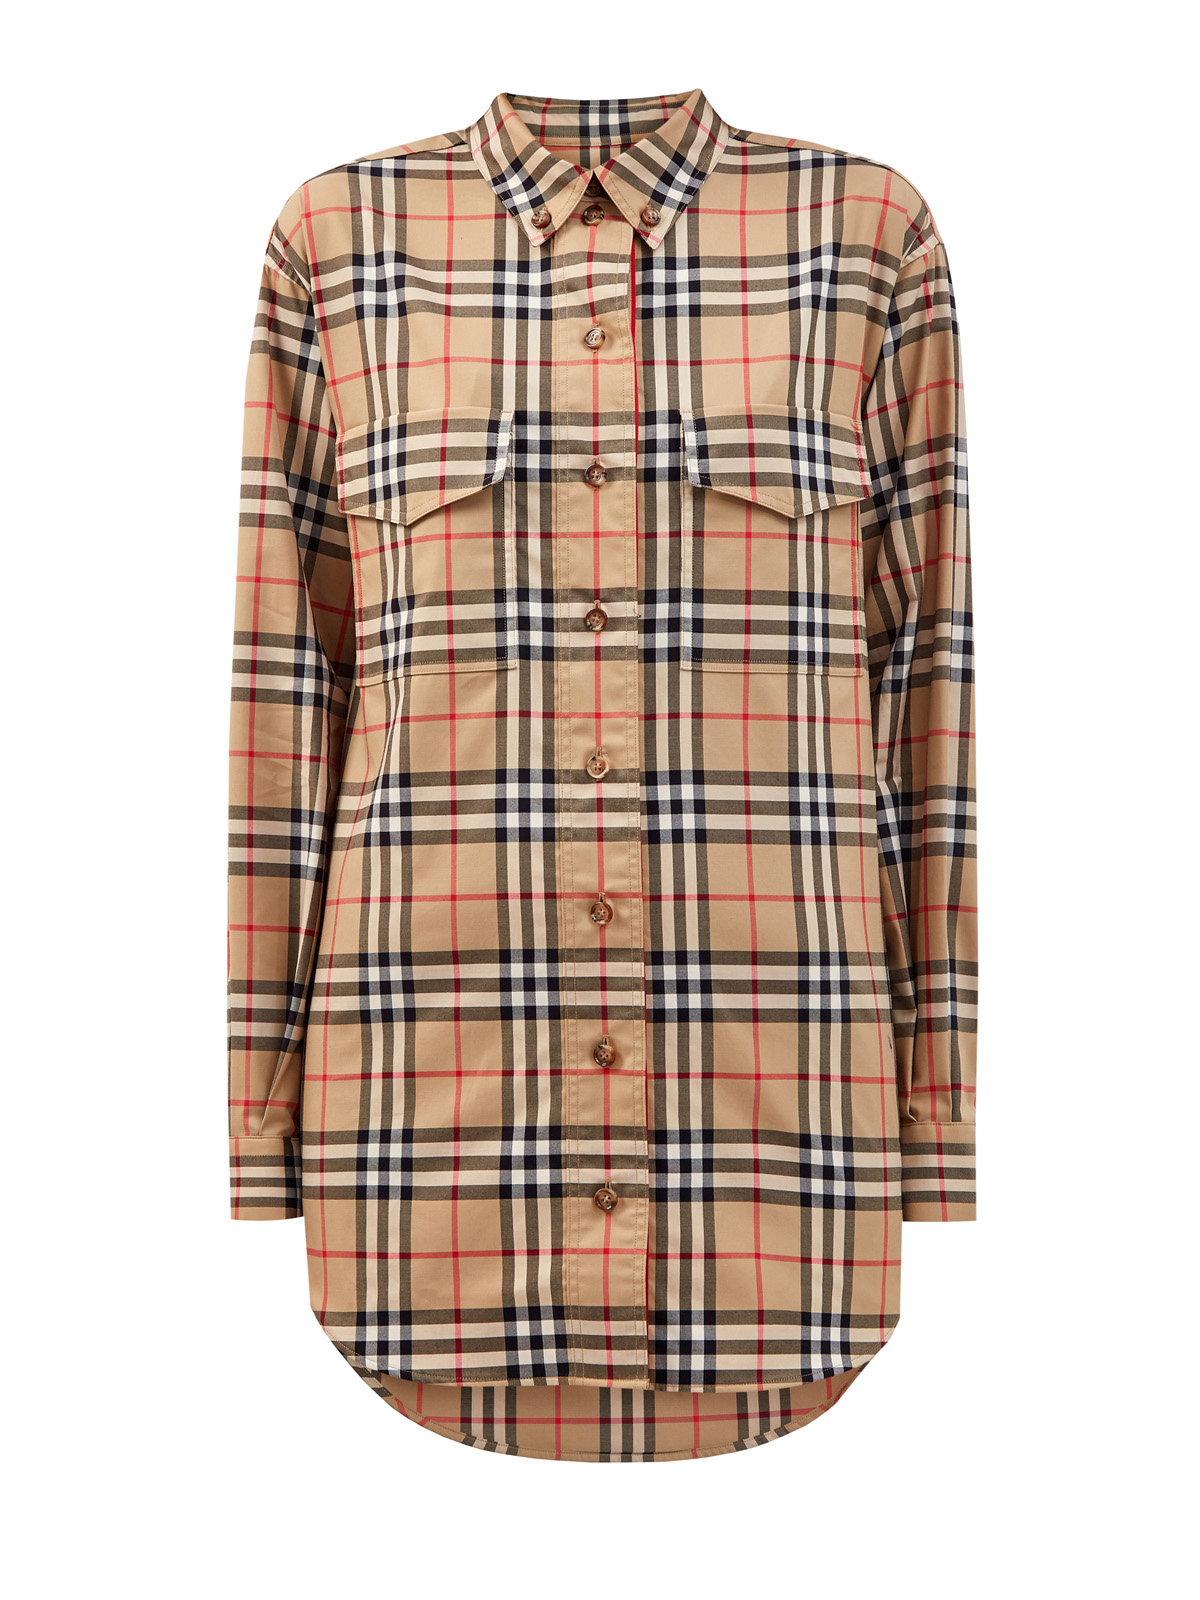 Удлиненная рубашка из хлопка с принтом Vintage Check